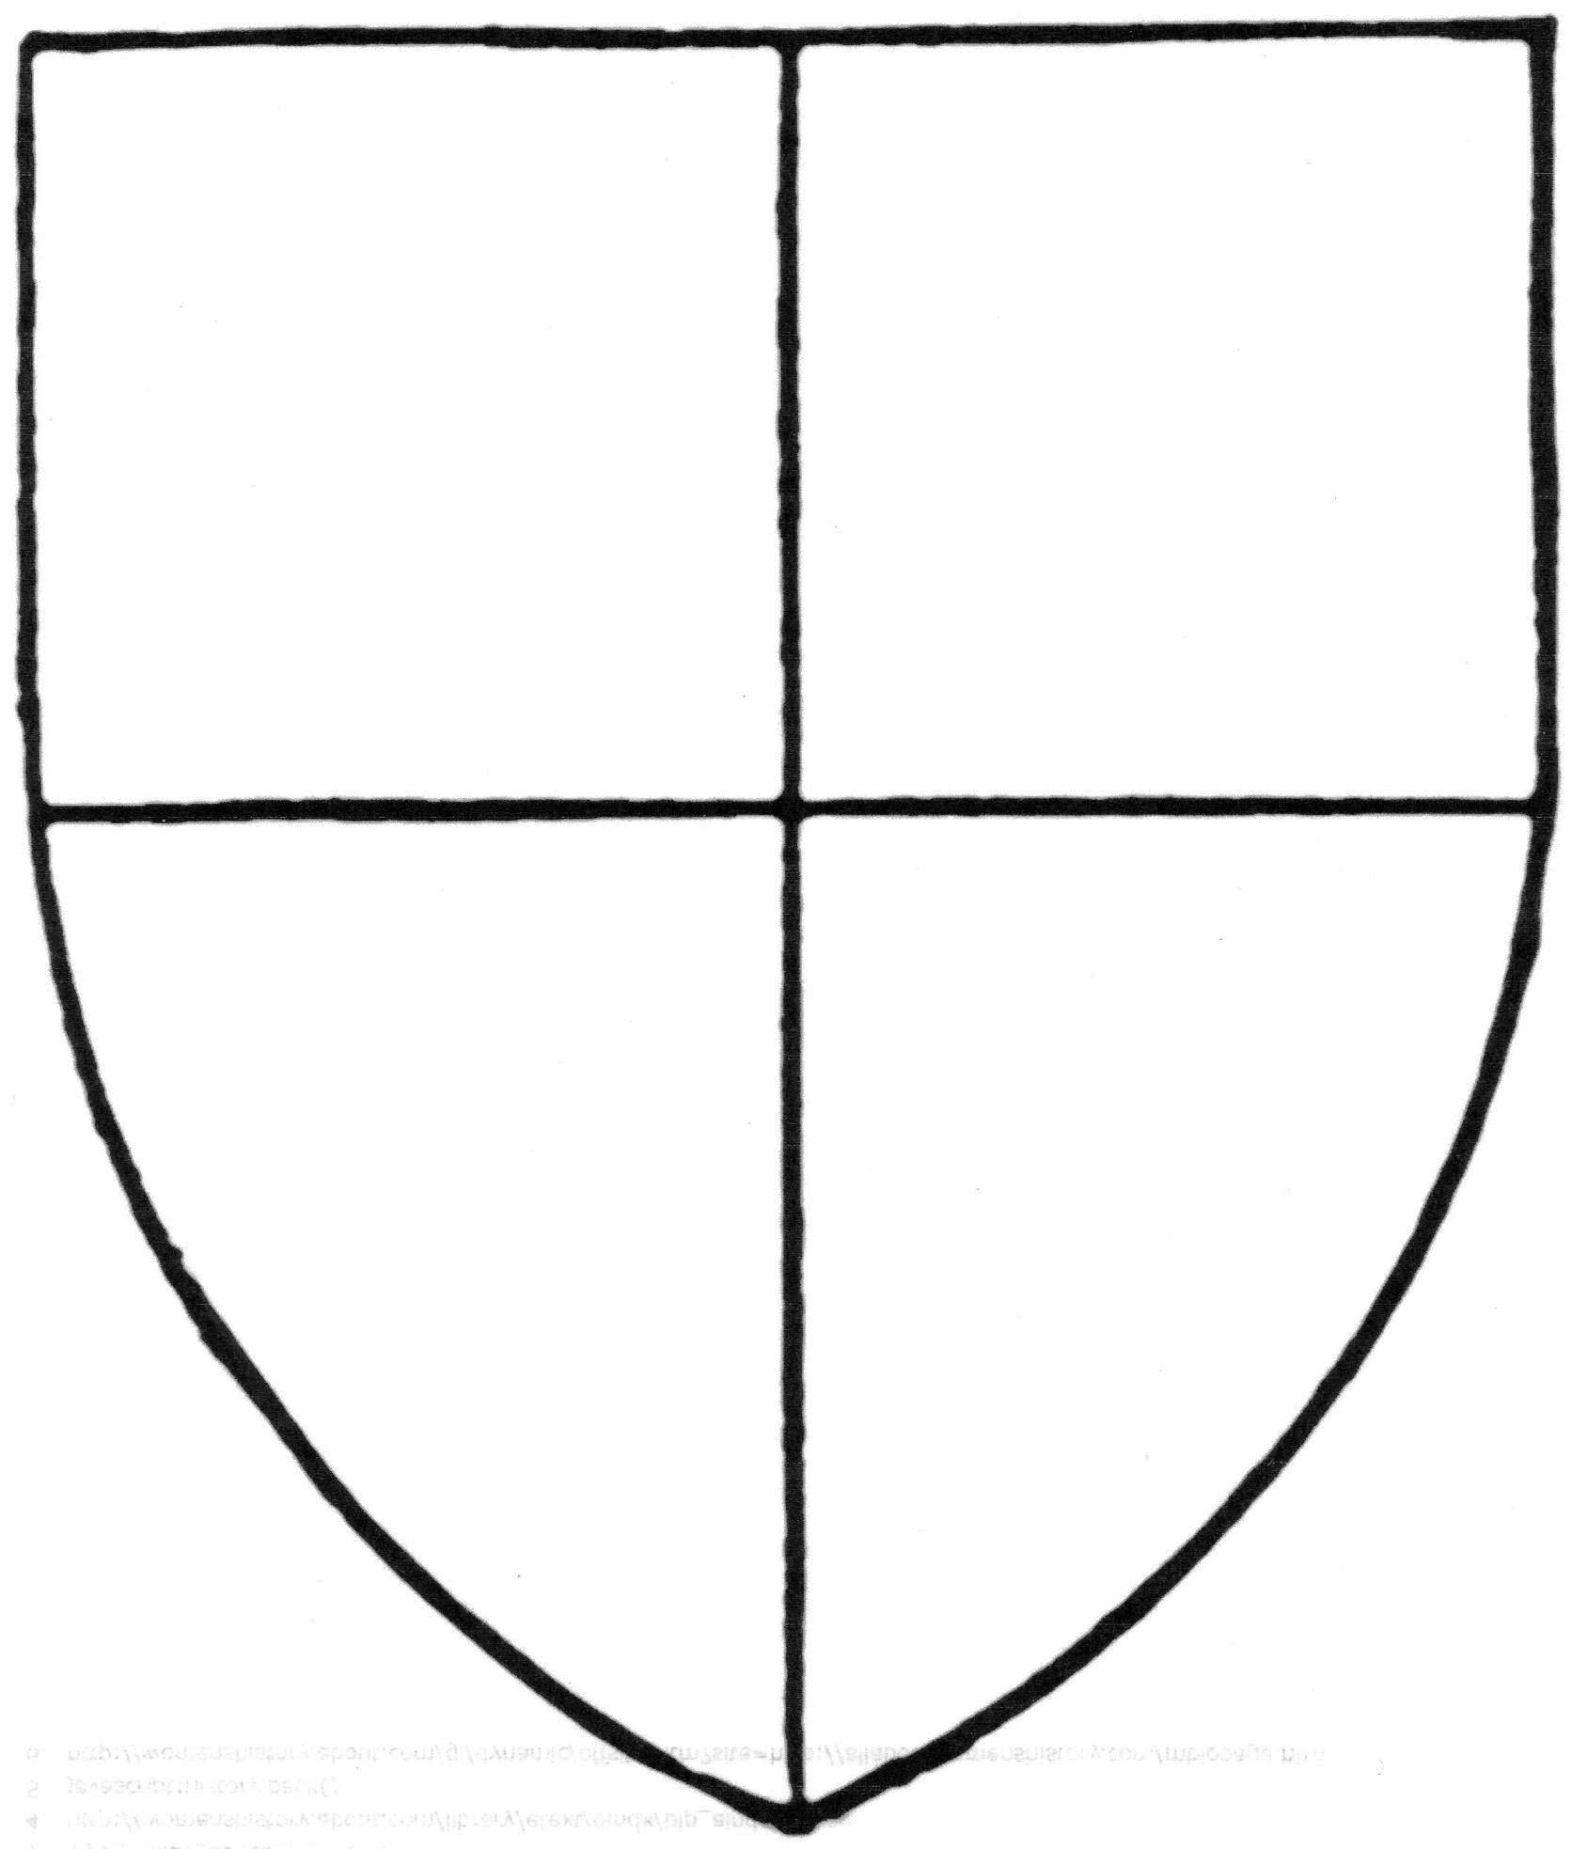 School Shield Template